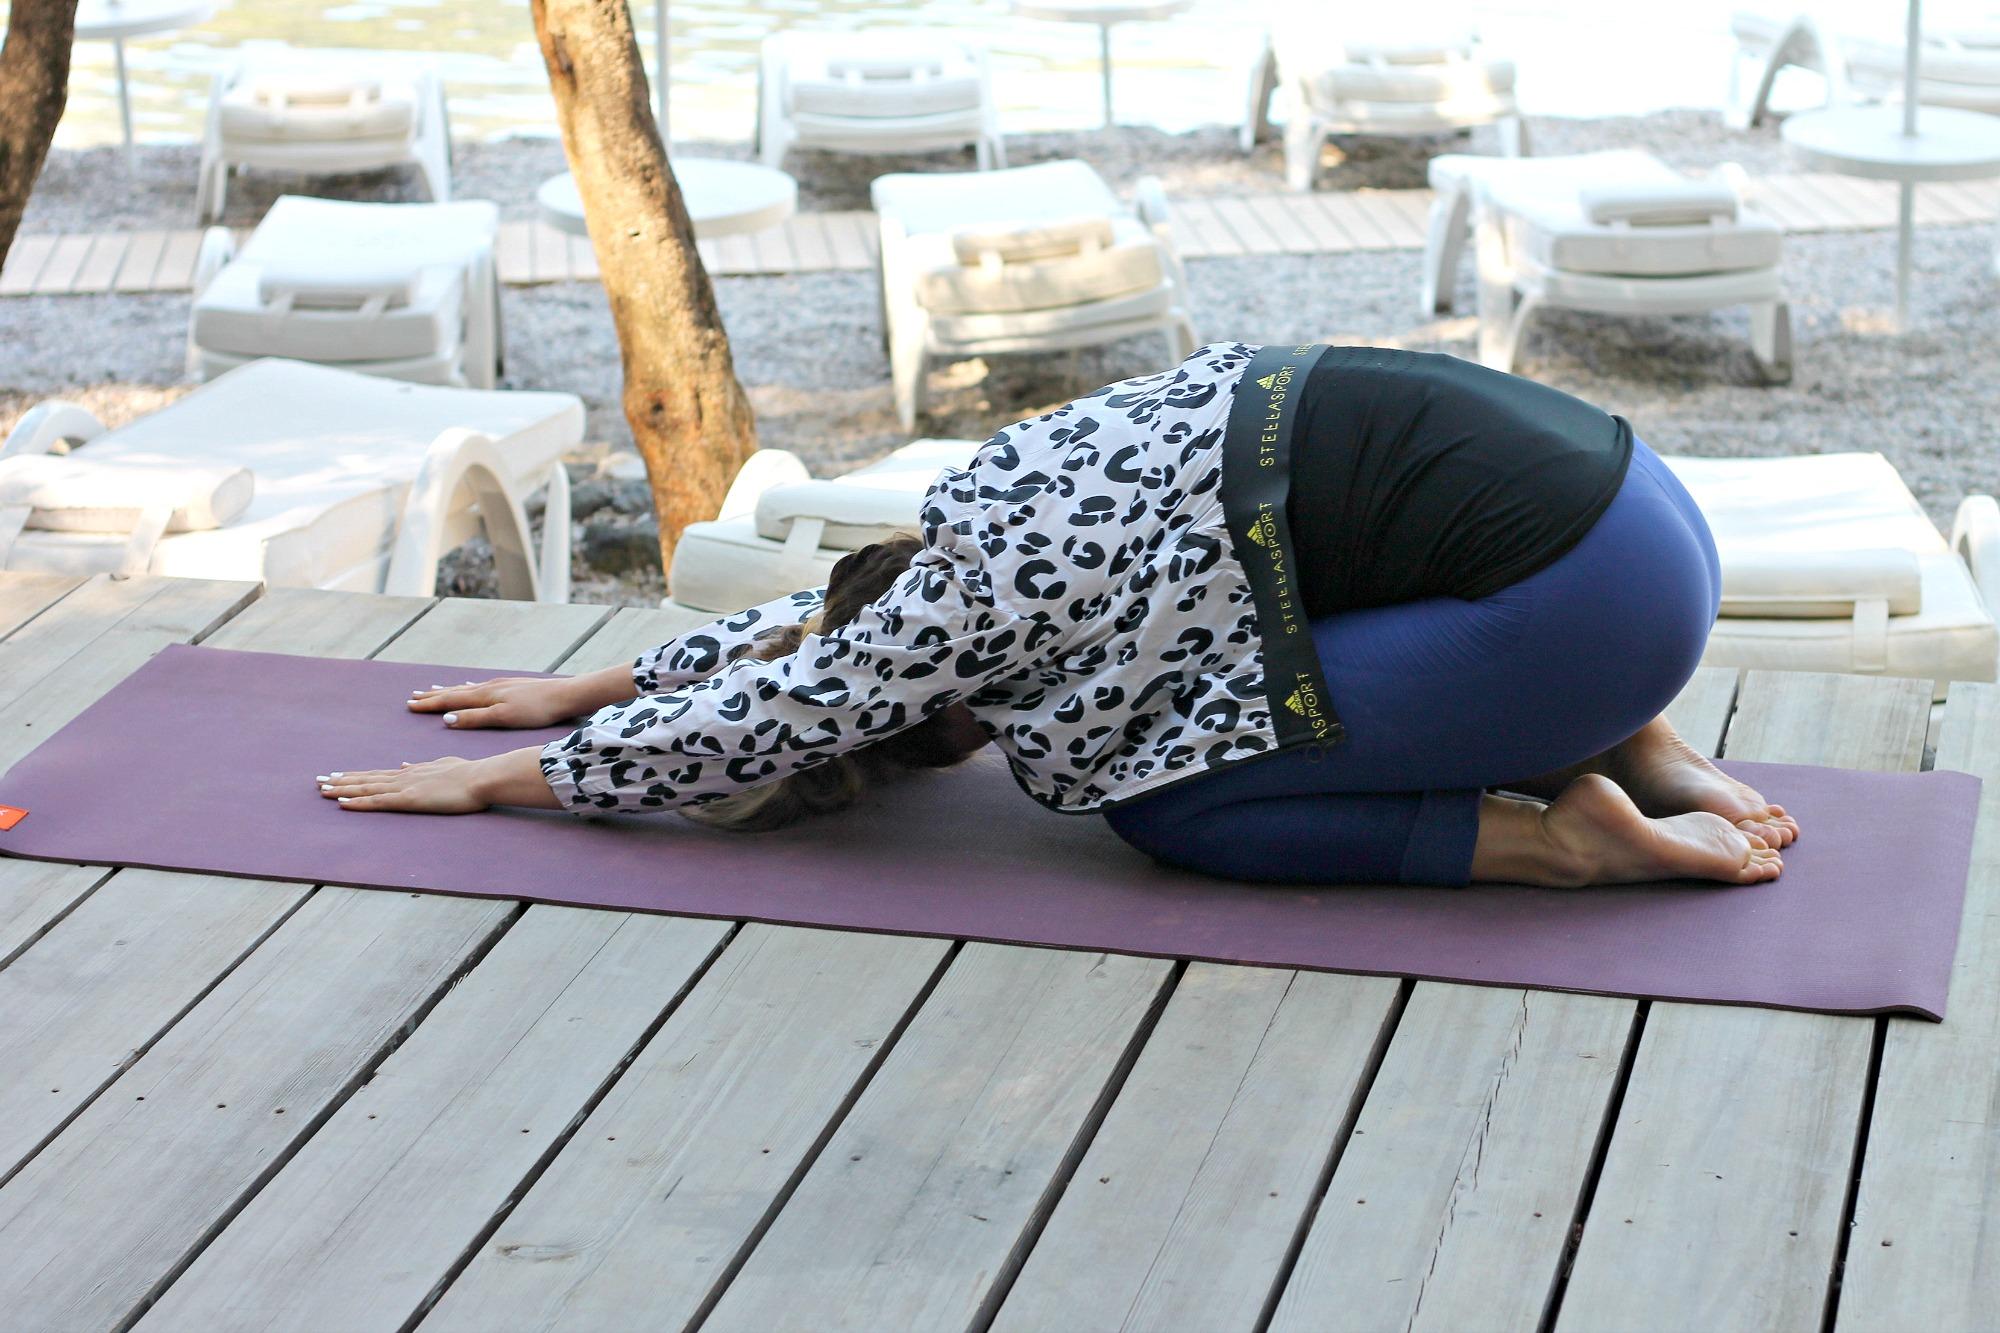 klara-fuchs-yoga-fitnessblog-blogging-blog-sport-fitness-gesundheit-training-persönlichkeitsentwicklung-7